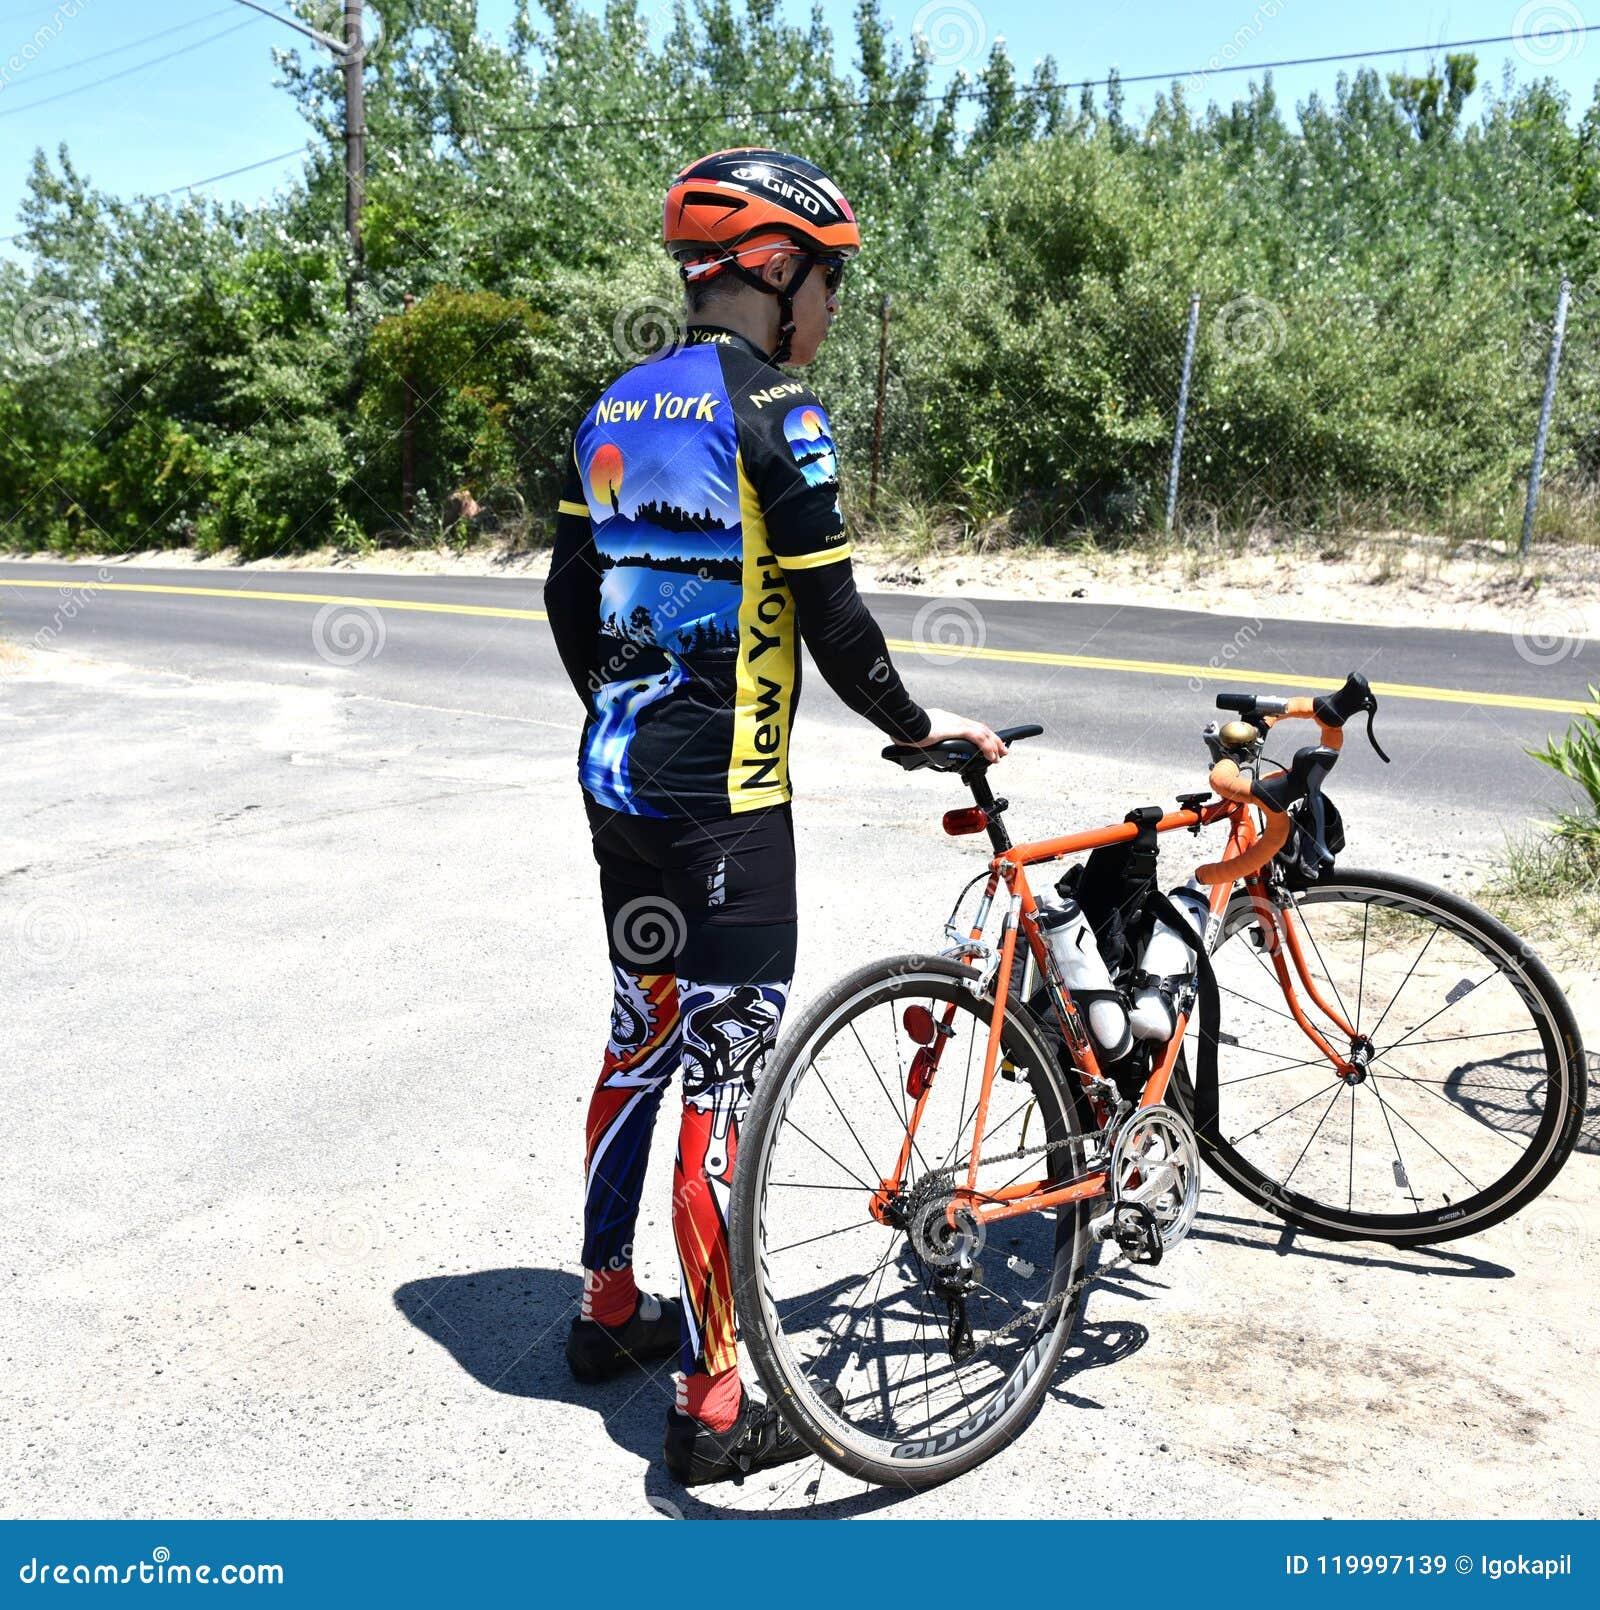 För New York för flyktcykelritt kläder för cirkulering design